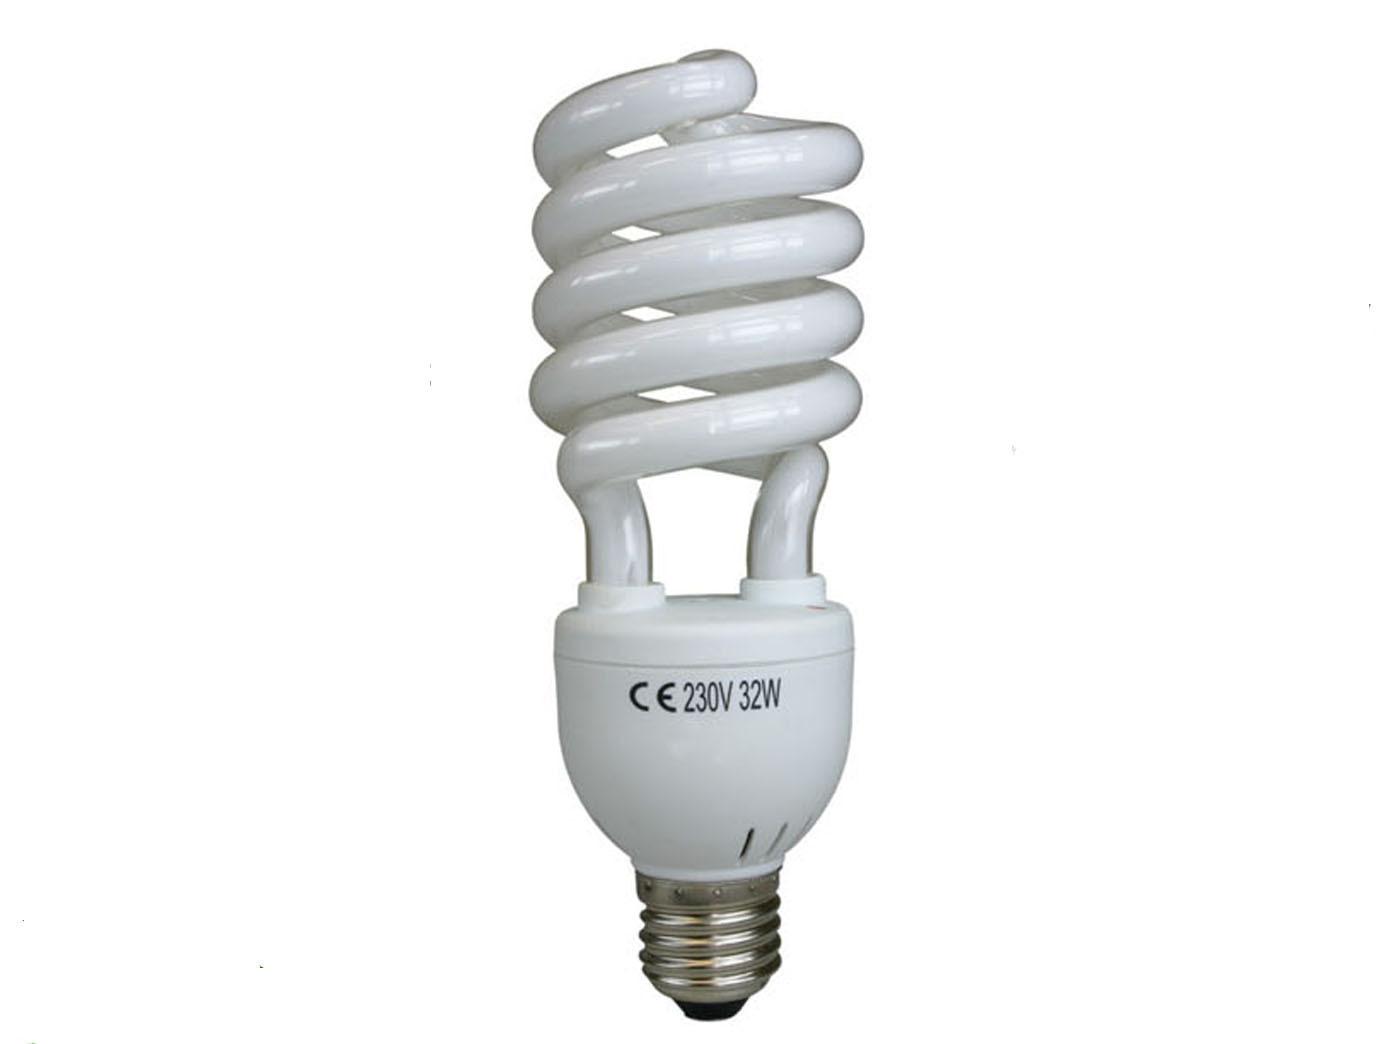 Energiesparleuchtmittel Spirale für E27 Fassung 30 Watt kaltweiß Energielampe